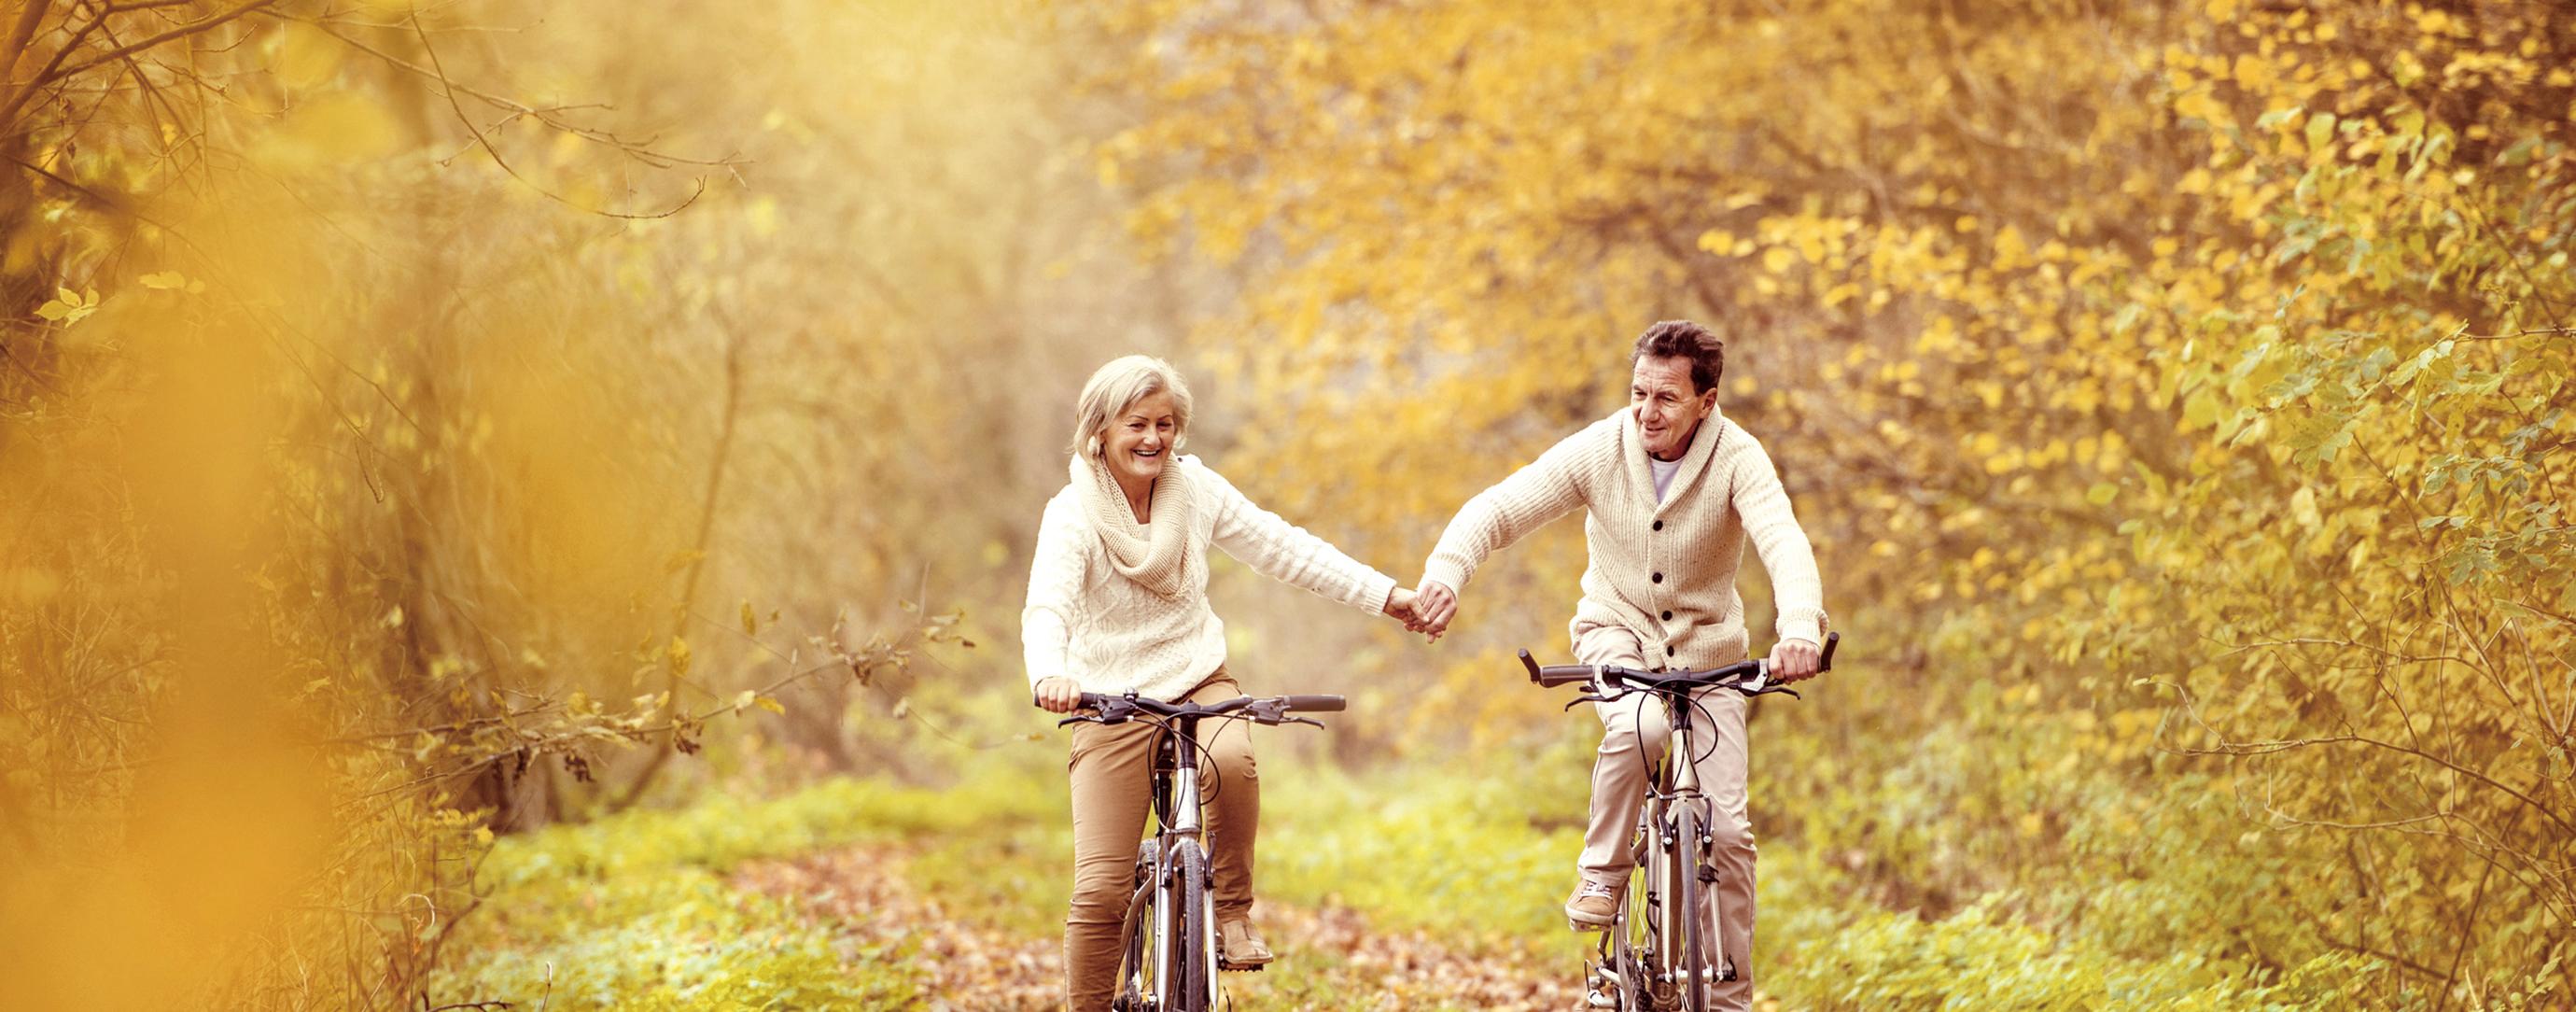 8個使夫妻感情升溫的要訣